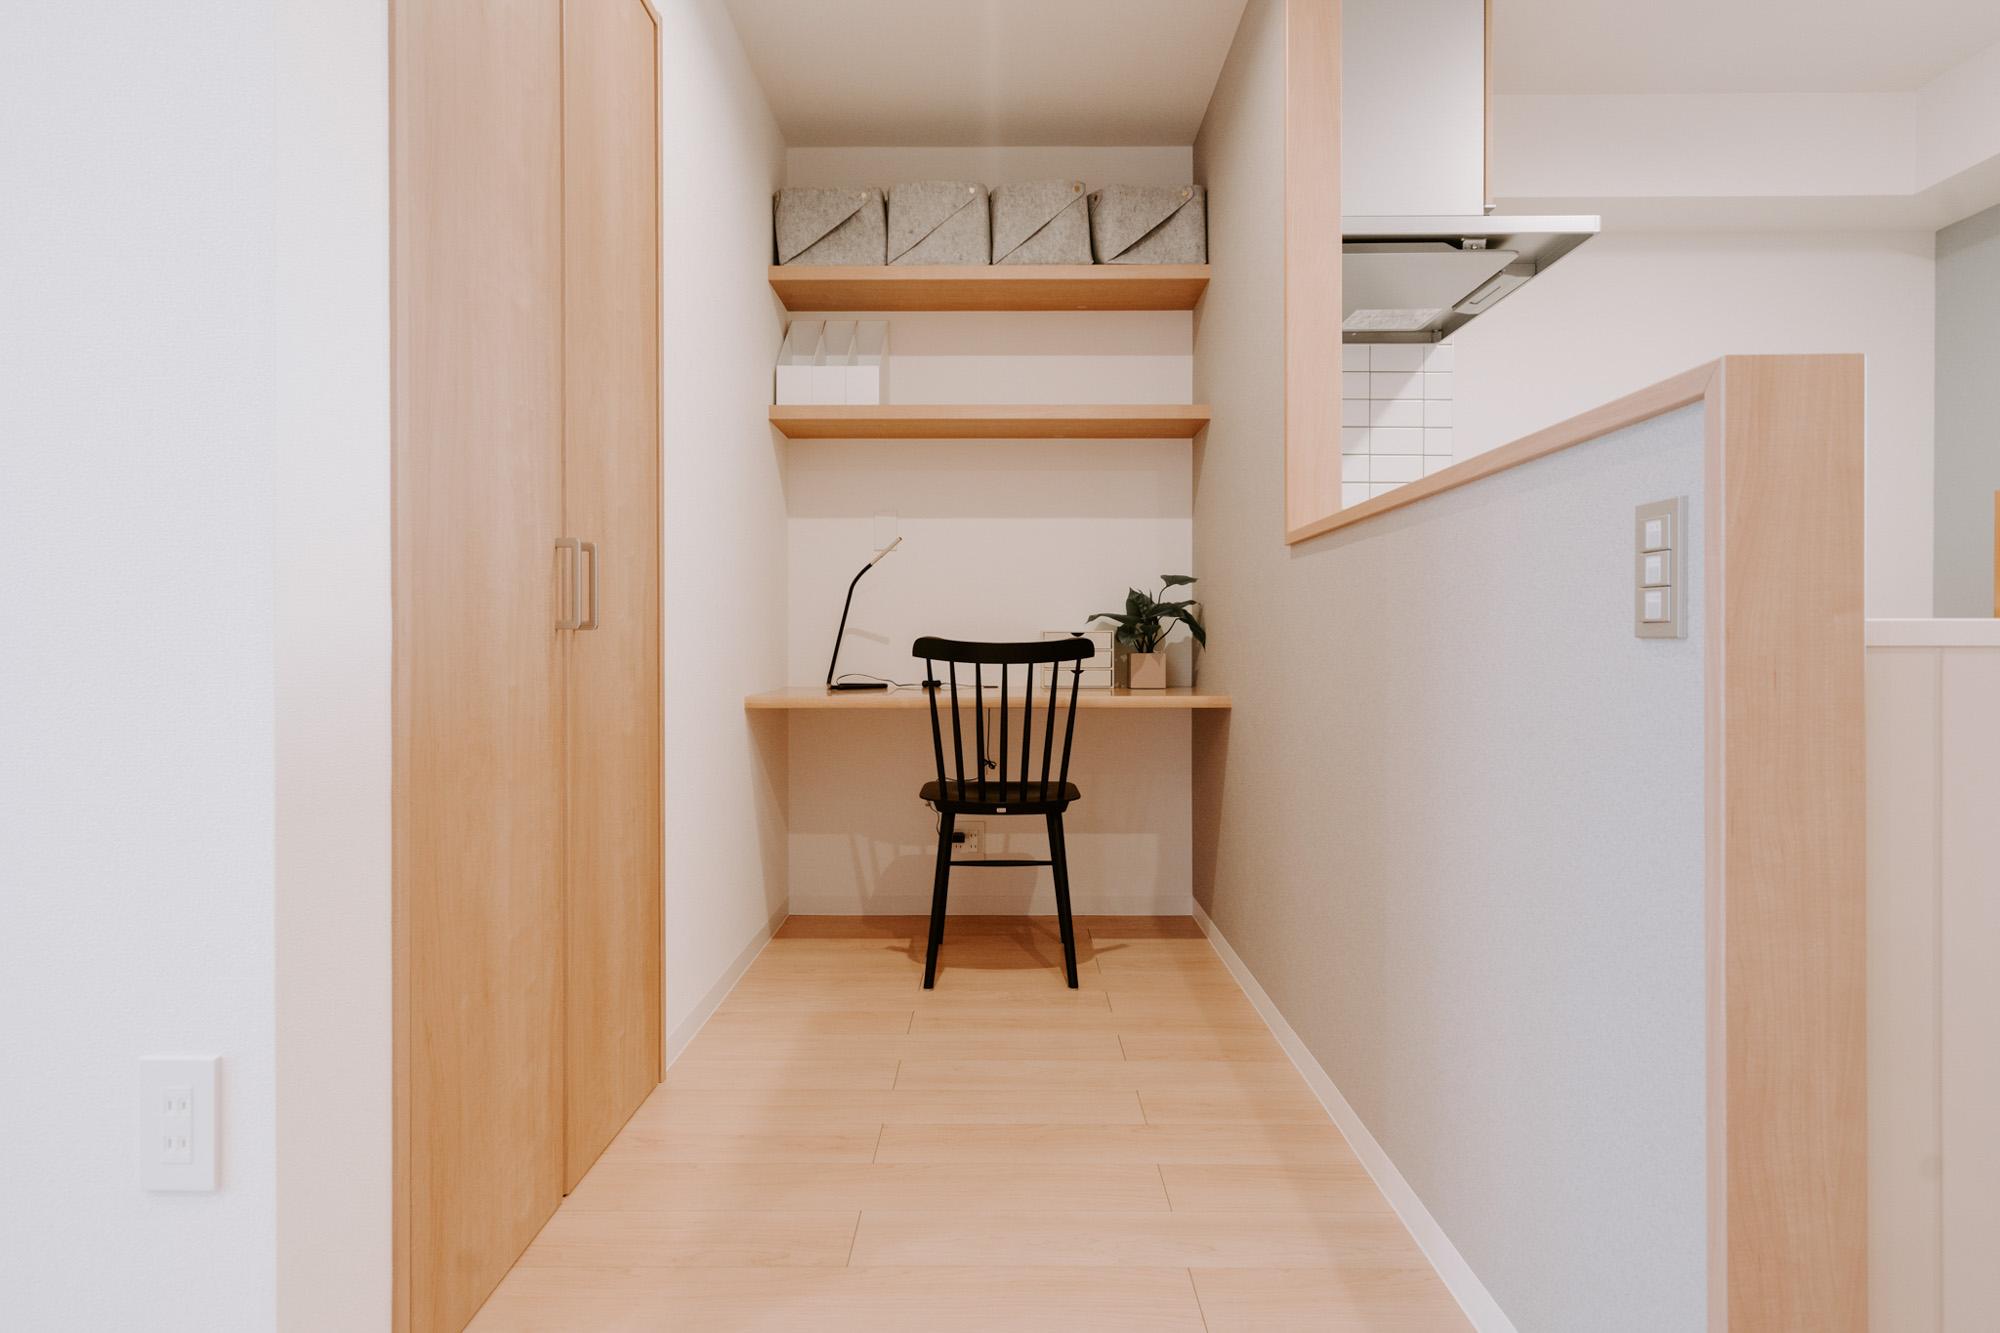 そしてキッチンの前には在宅ワーク時代に対応したワークスペース。テーブルには電源コードを通せる穴もあり、すっきりとした環境で作業に集中できそうです。